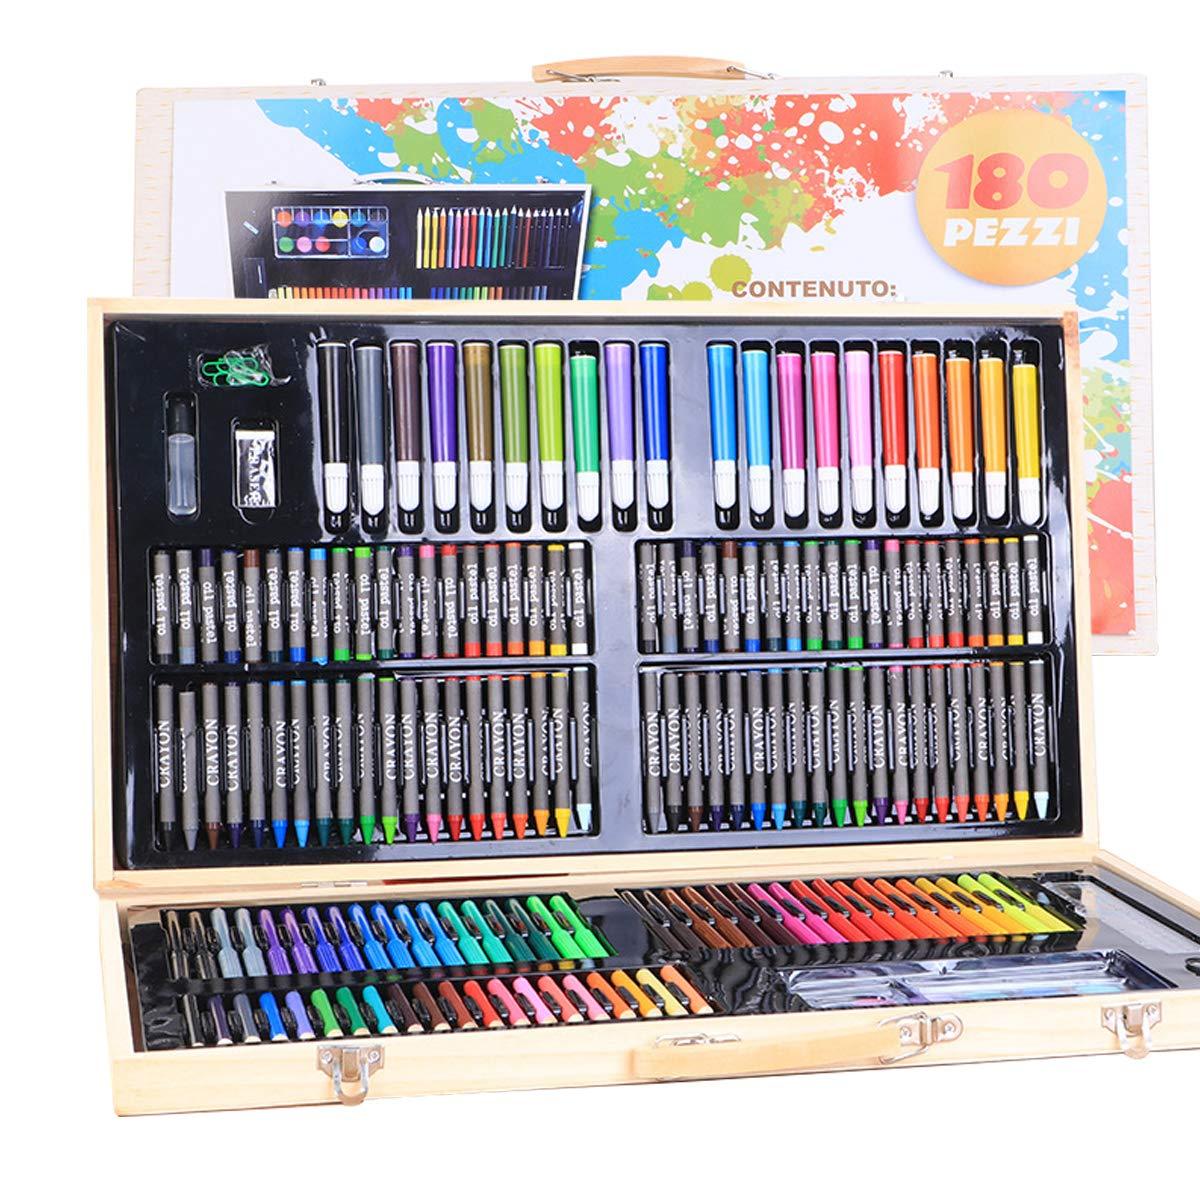 AllRing - Juego de 180 lápices de Colores para niños, Ceras, Acuarelas, Pasteles, rotuladores, borradores, Libros de Colorear en práctico maletín para Pintar - Muy Buen Regalo para niños: Amazon.es: Hogar